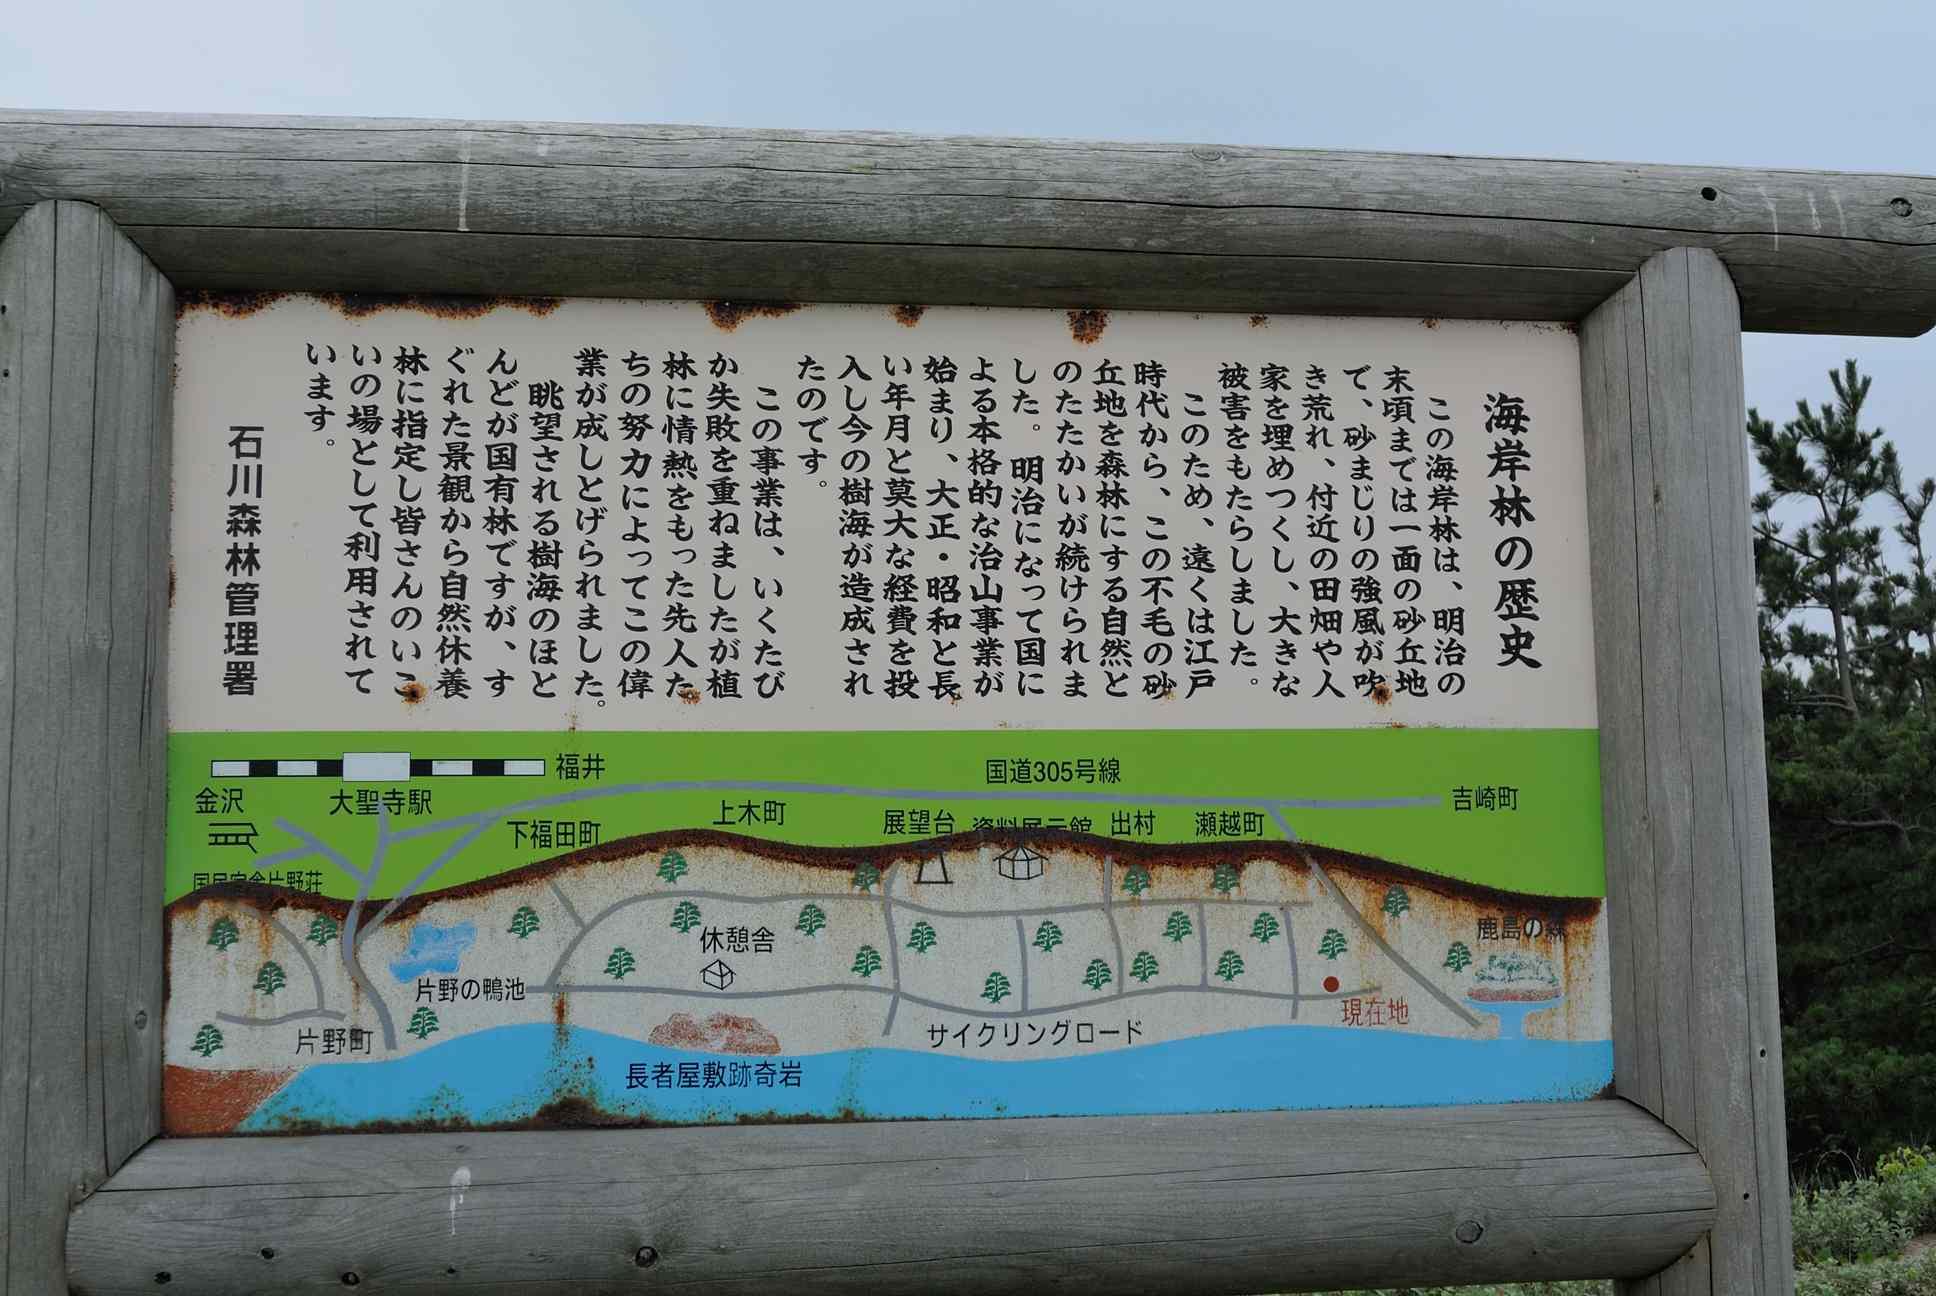 石川のサイクリングロード周辺の説明版